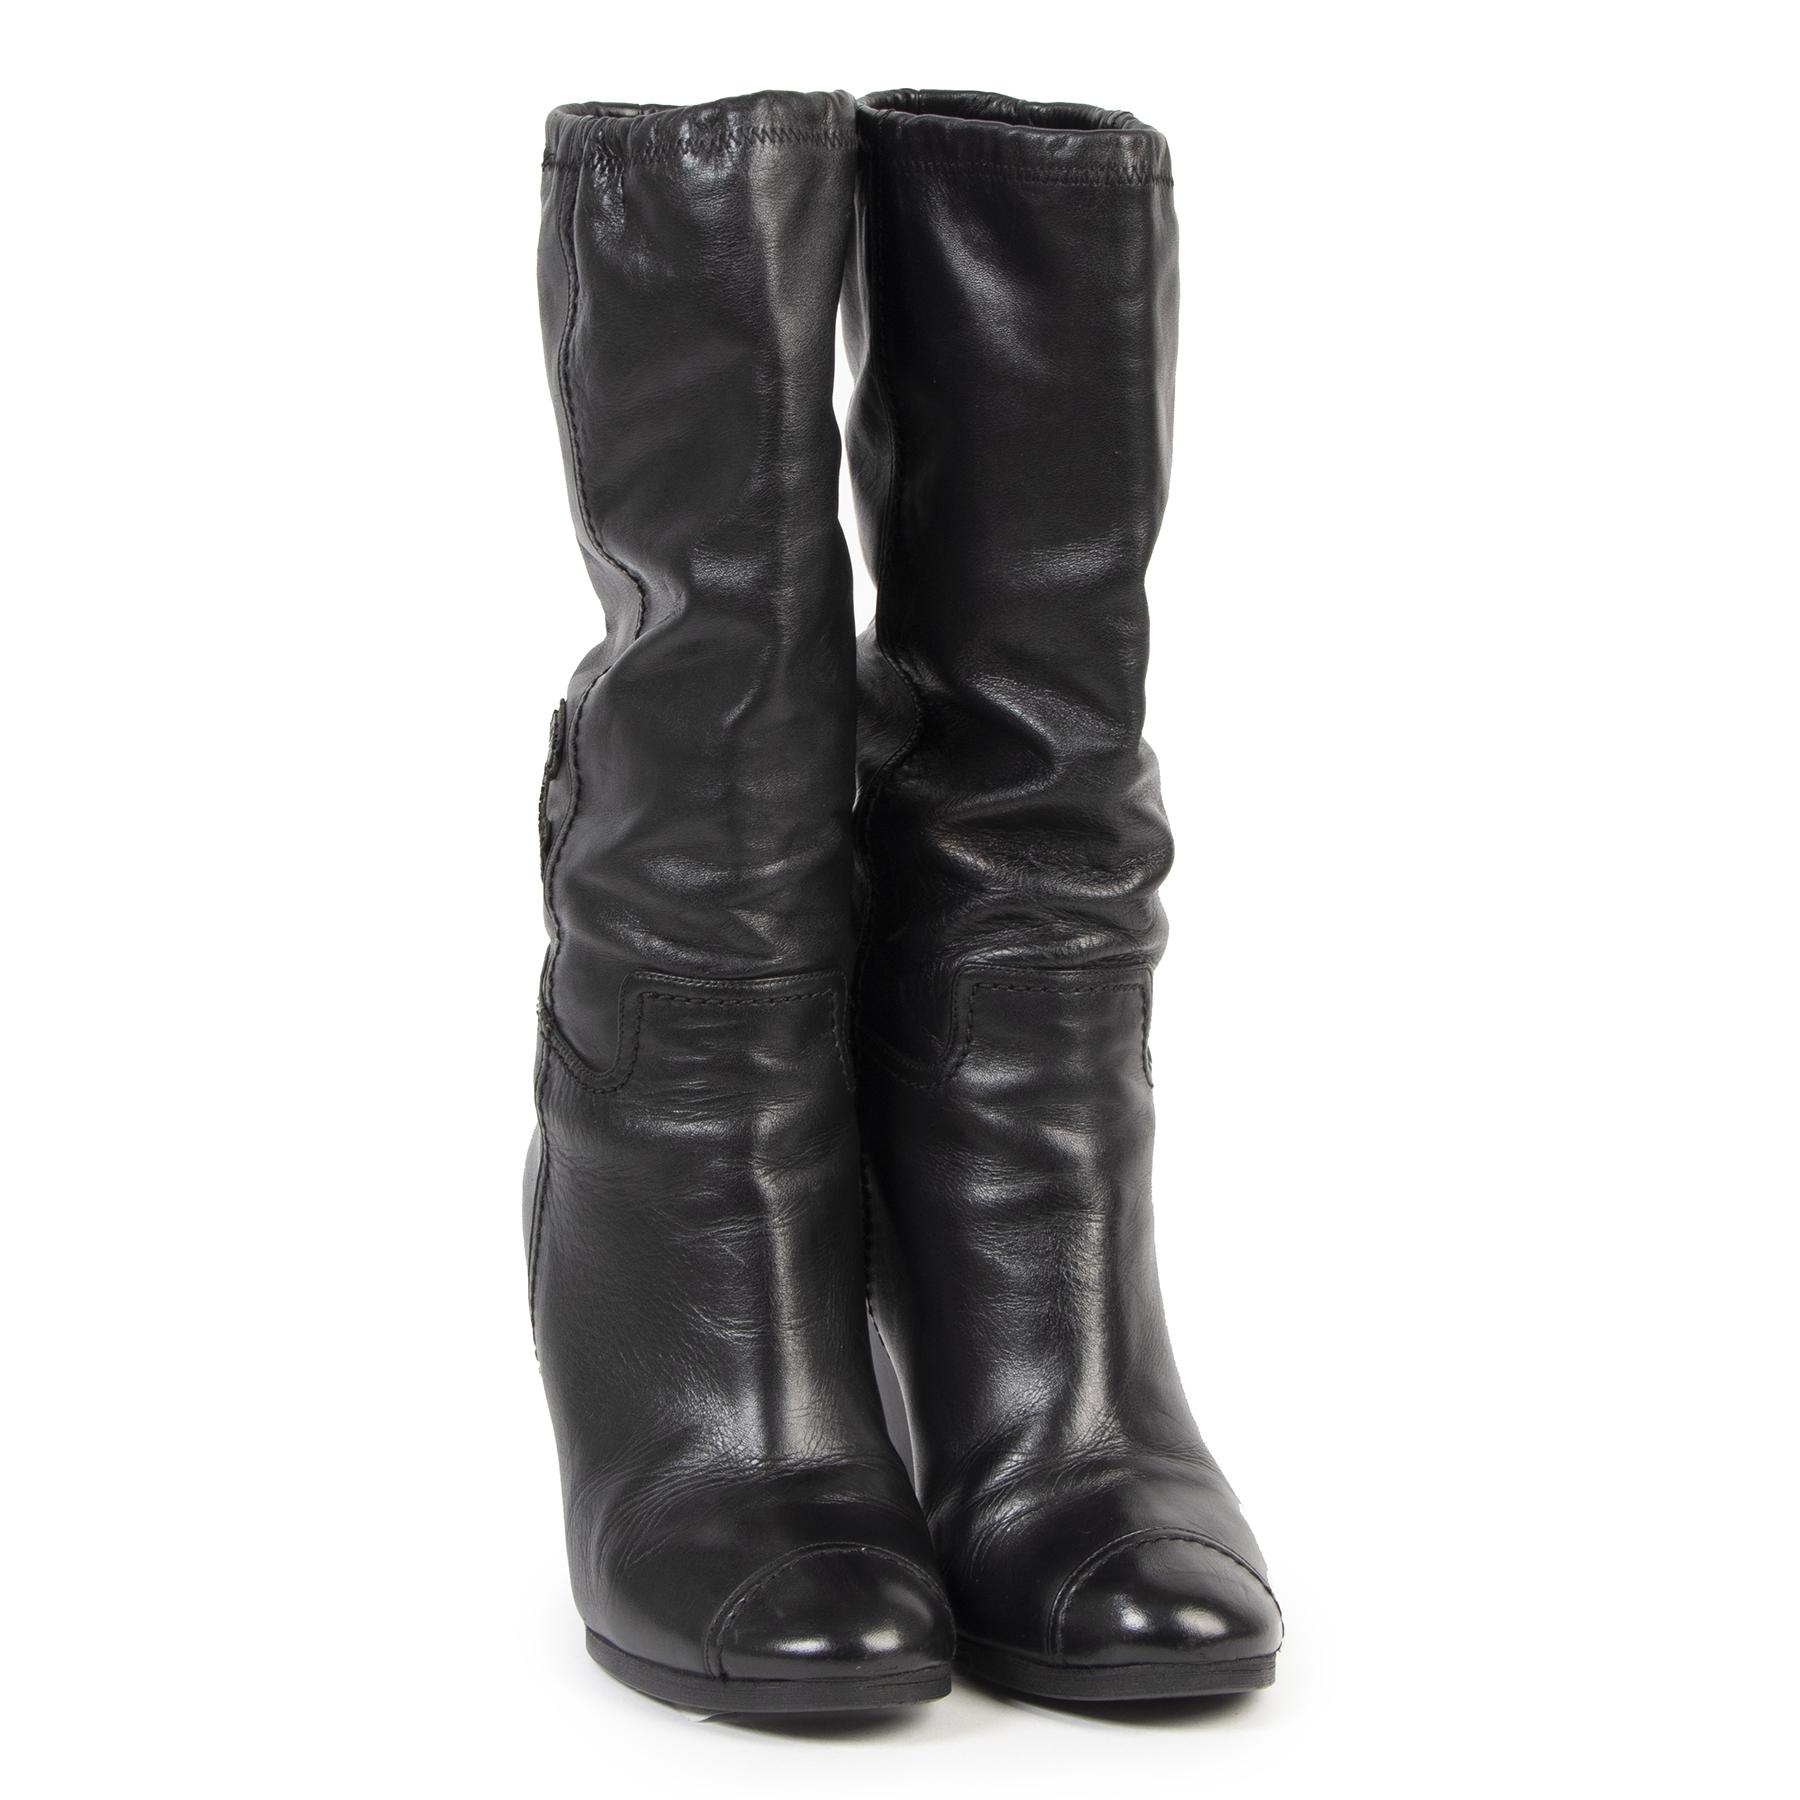 Chanel Black Wedge Boots kopen en verkopen aan de beste prijs bij Labellov